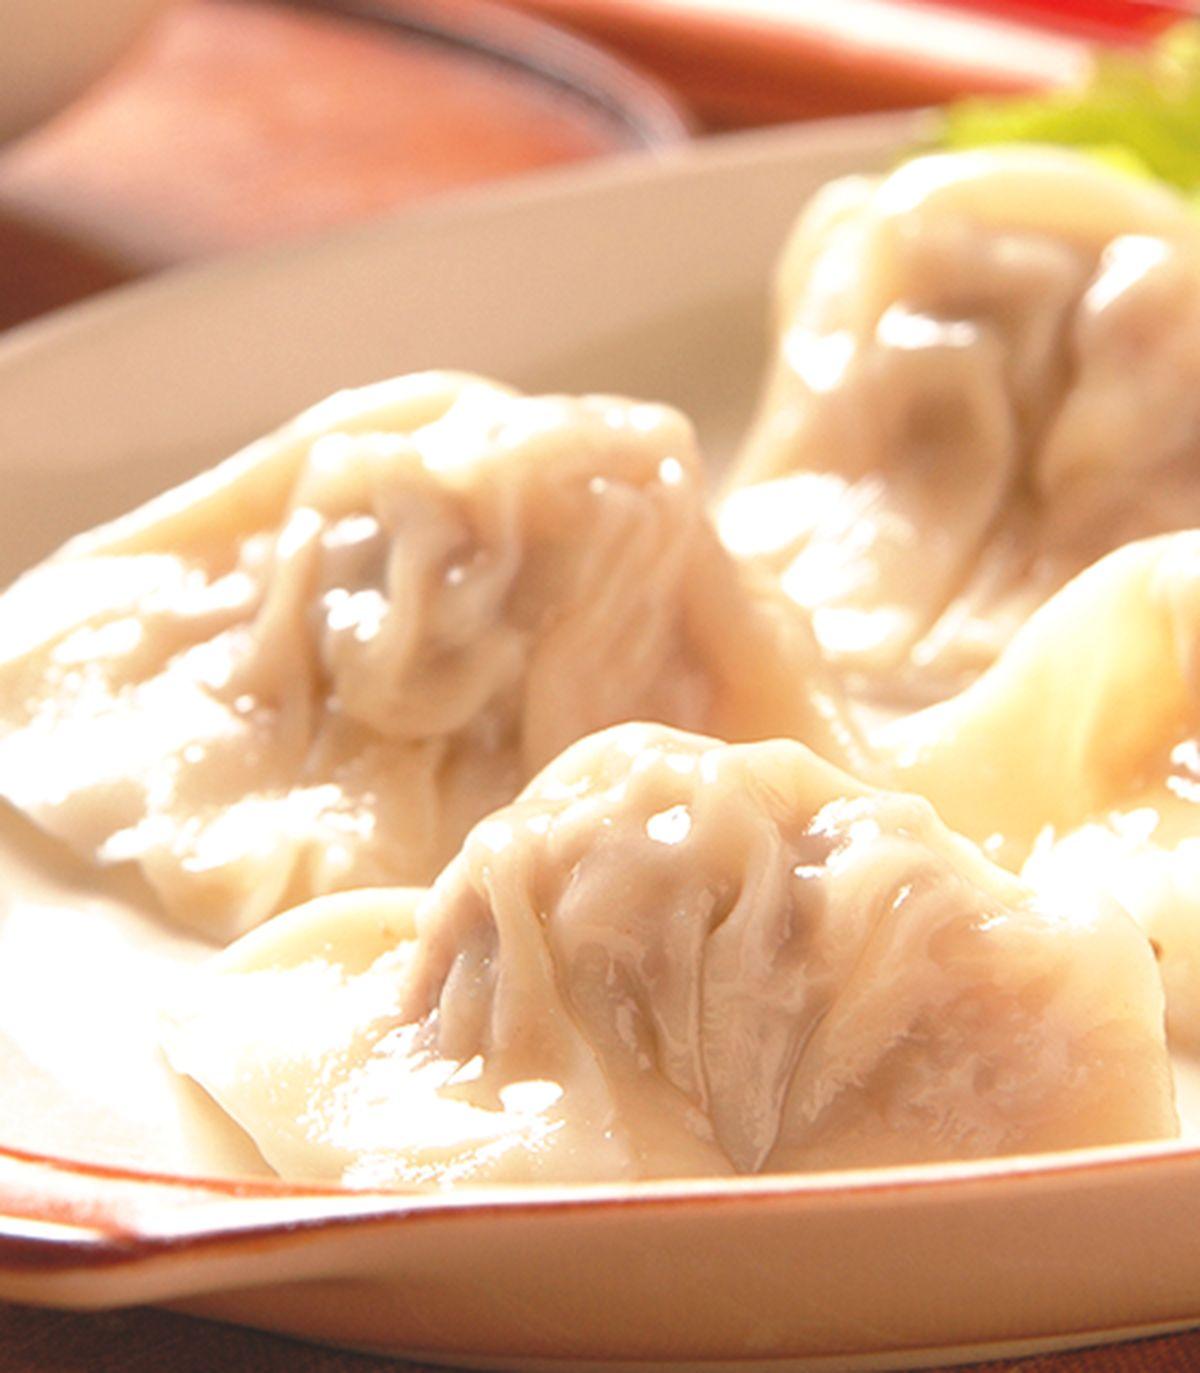 食譜:洋蔥羊肉水餃